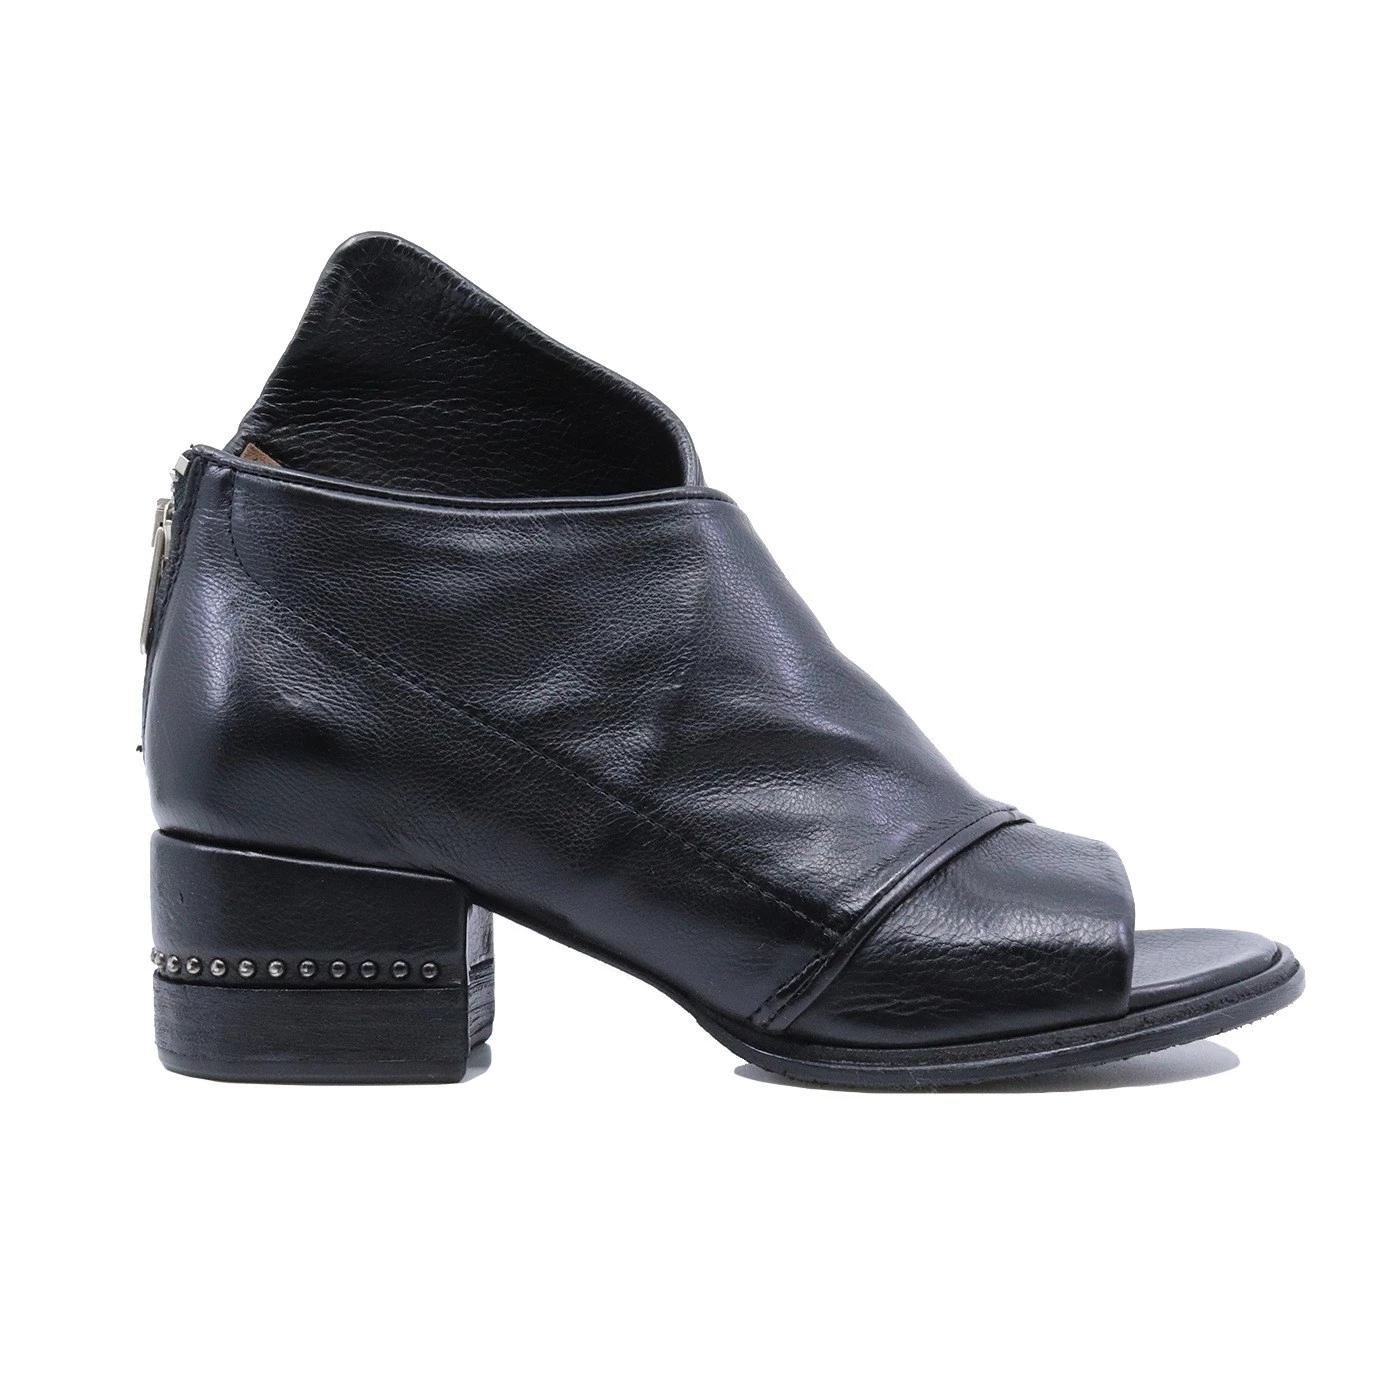 A.S. 98 672016 sandalo da donna in pelle nera